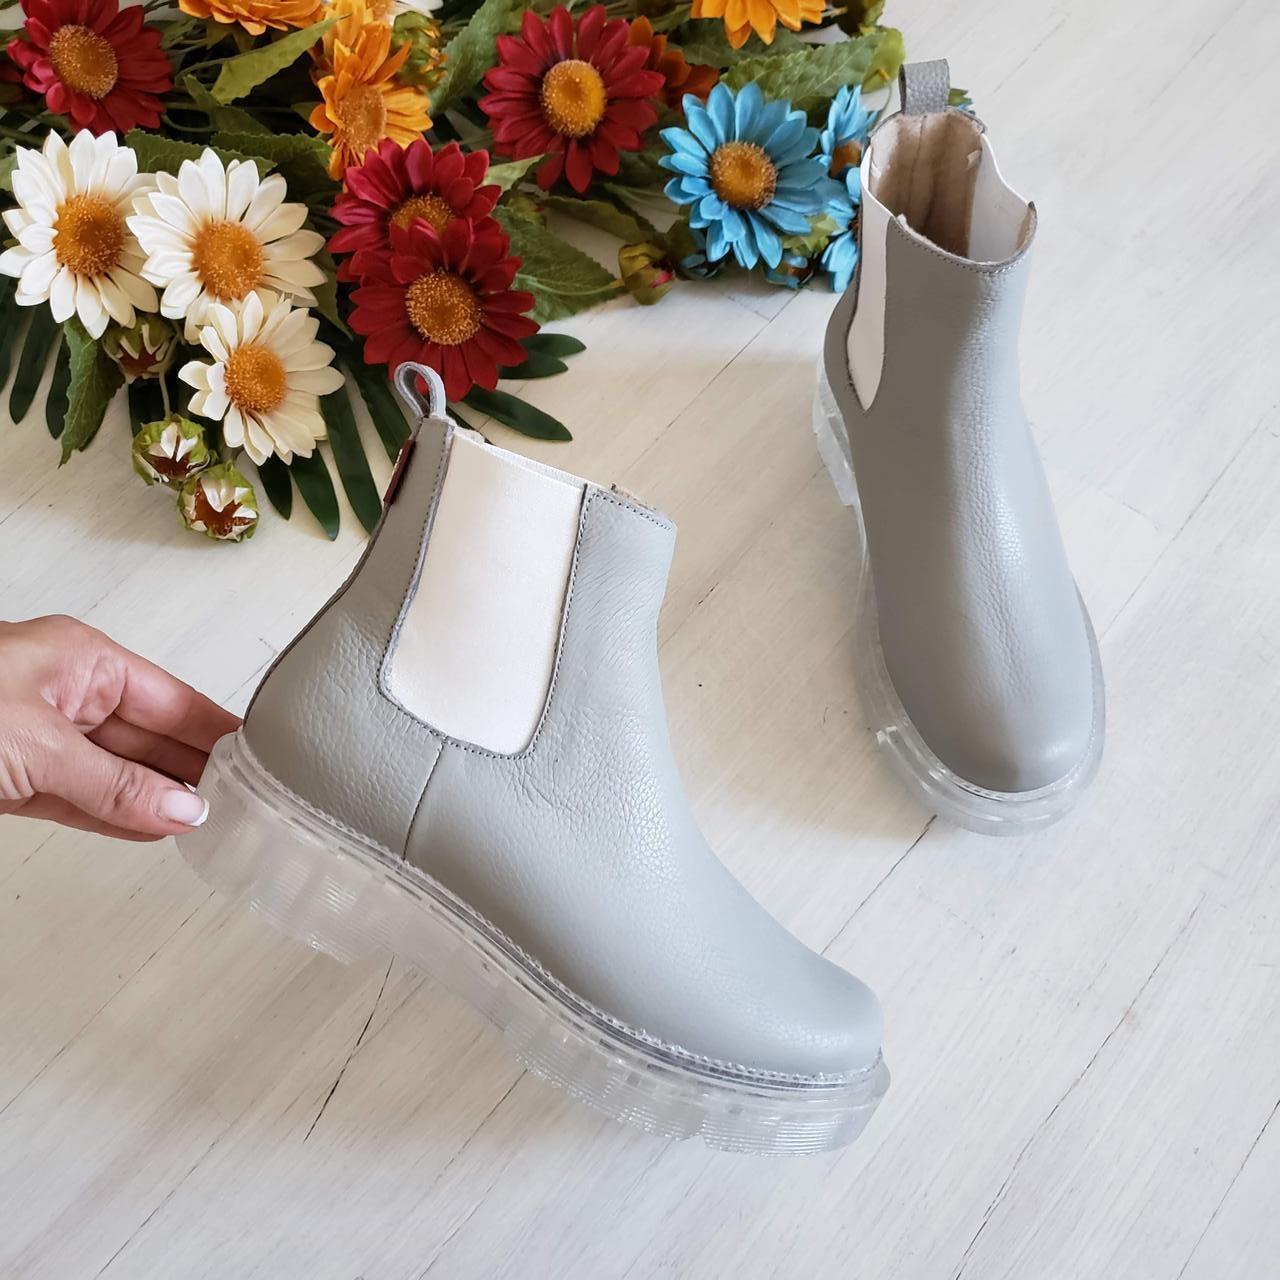 Серые зимние кожаные ботинки Челси Chelsea Ice женские